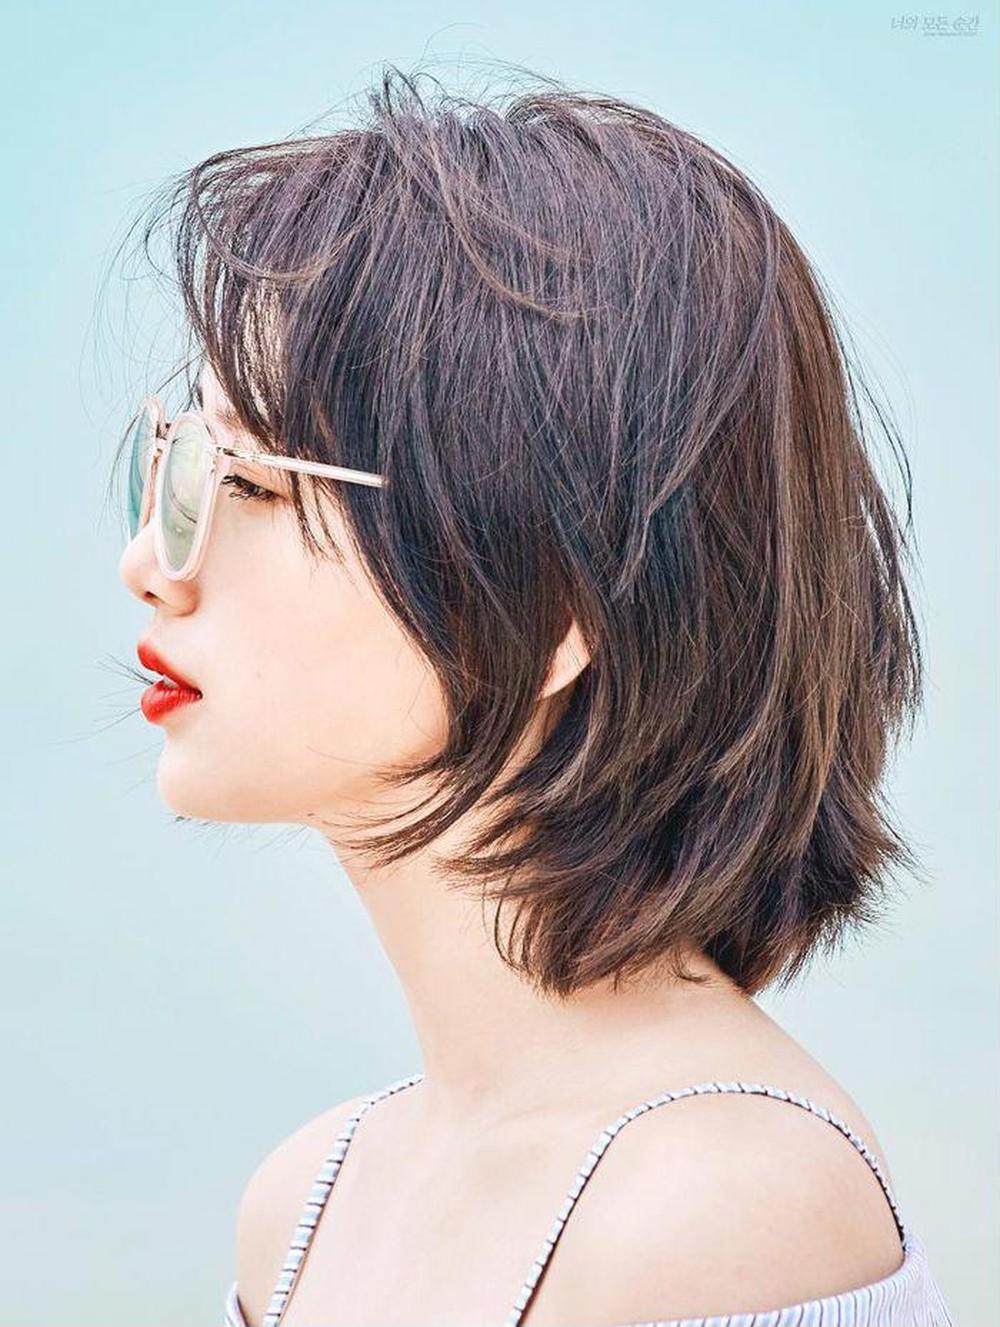 Mẫu tóc tém ngắn sành điệu và đẹp nhất cho nữ